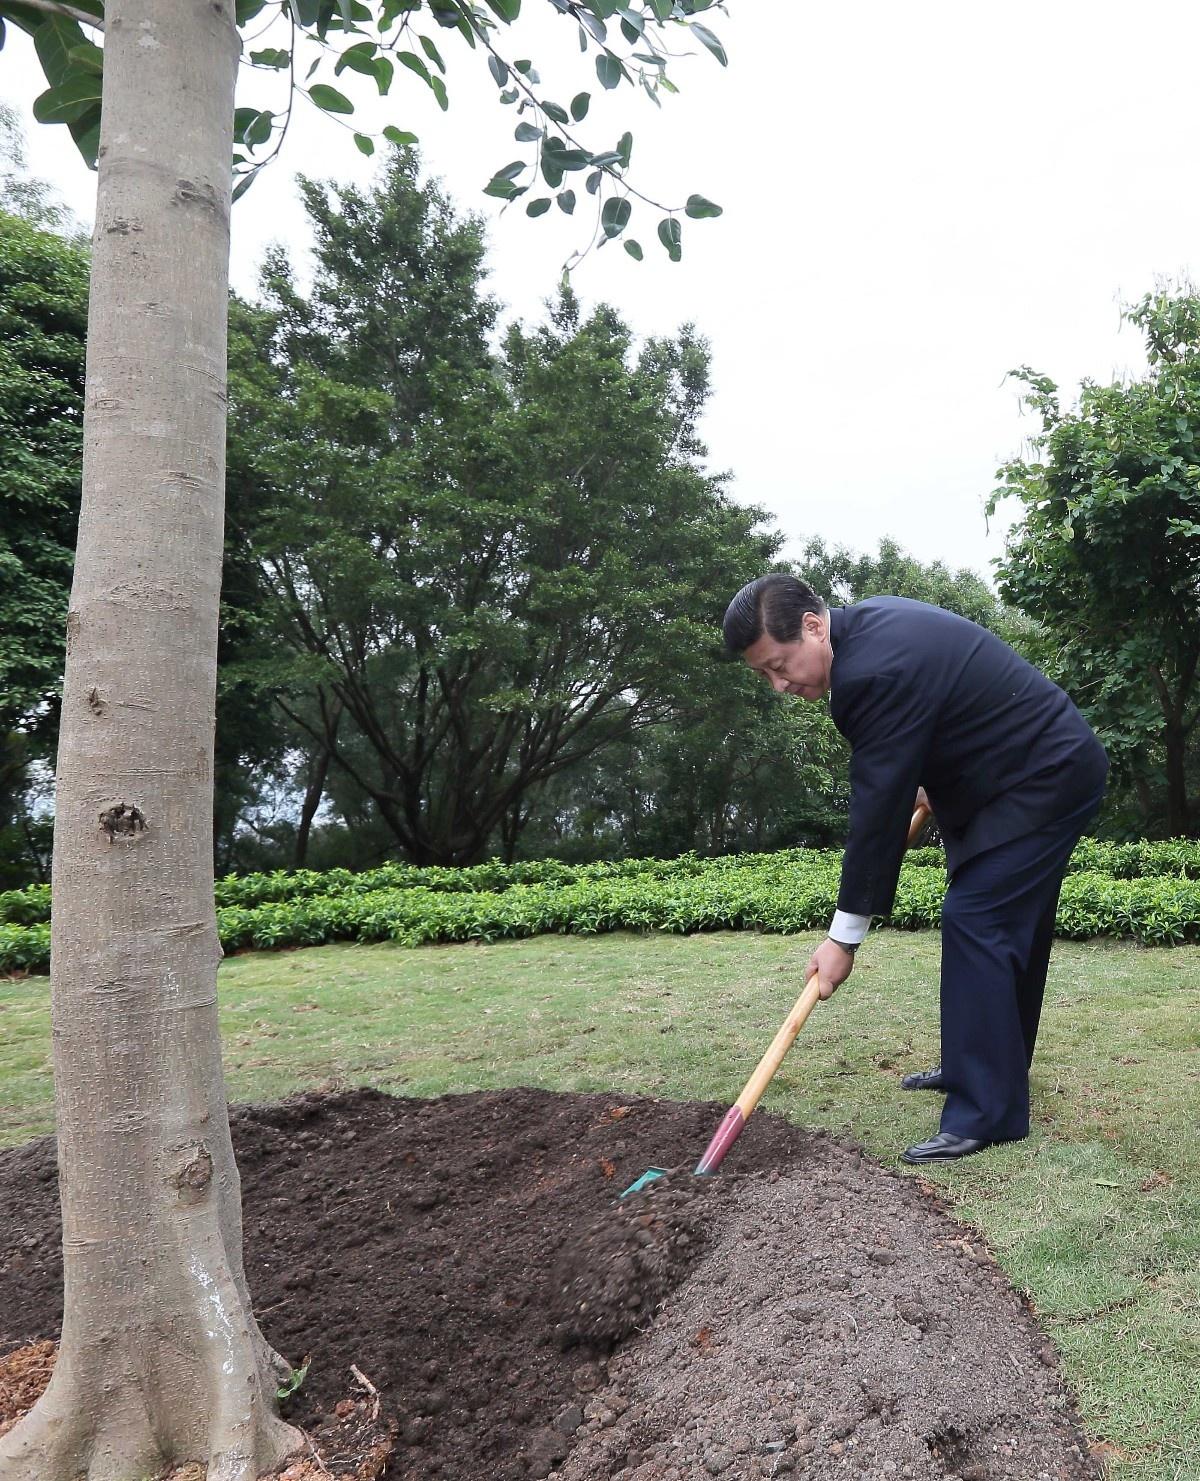 2012年12月7日至11日,习近平在广东省观察事情。这是习近平在深圳莲花山公园种下一棵高山榕树的景象。